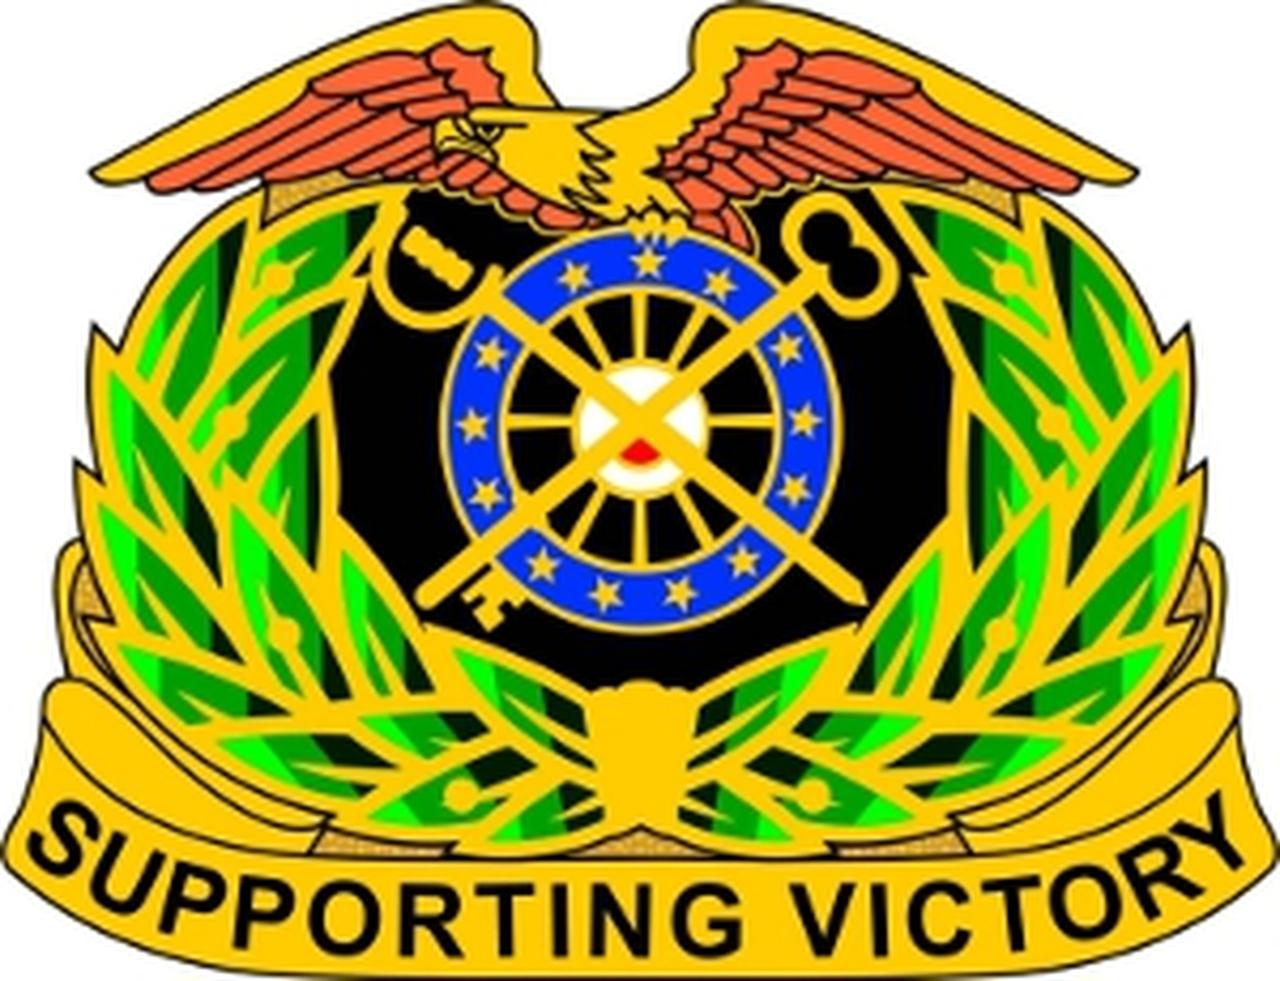 USA Army Quartermaster Corps Insignia.